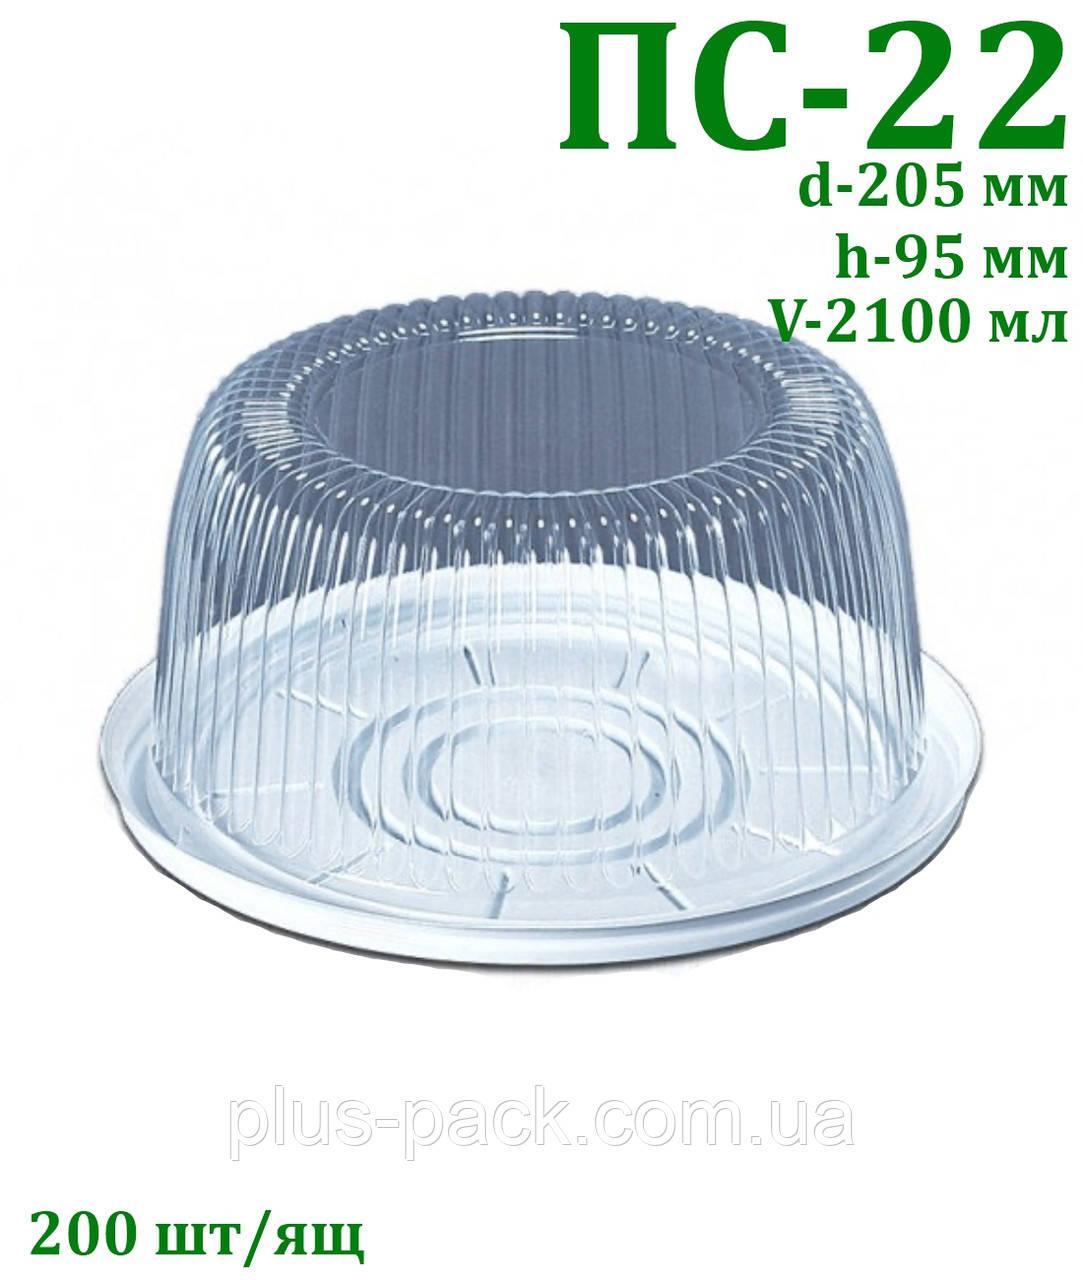 Одноразова Упаковка для торта, 200 шт/ящ